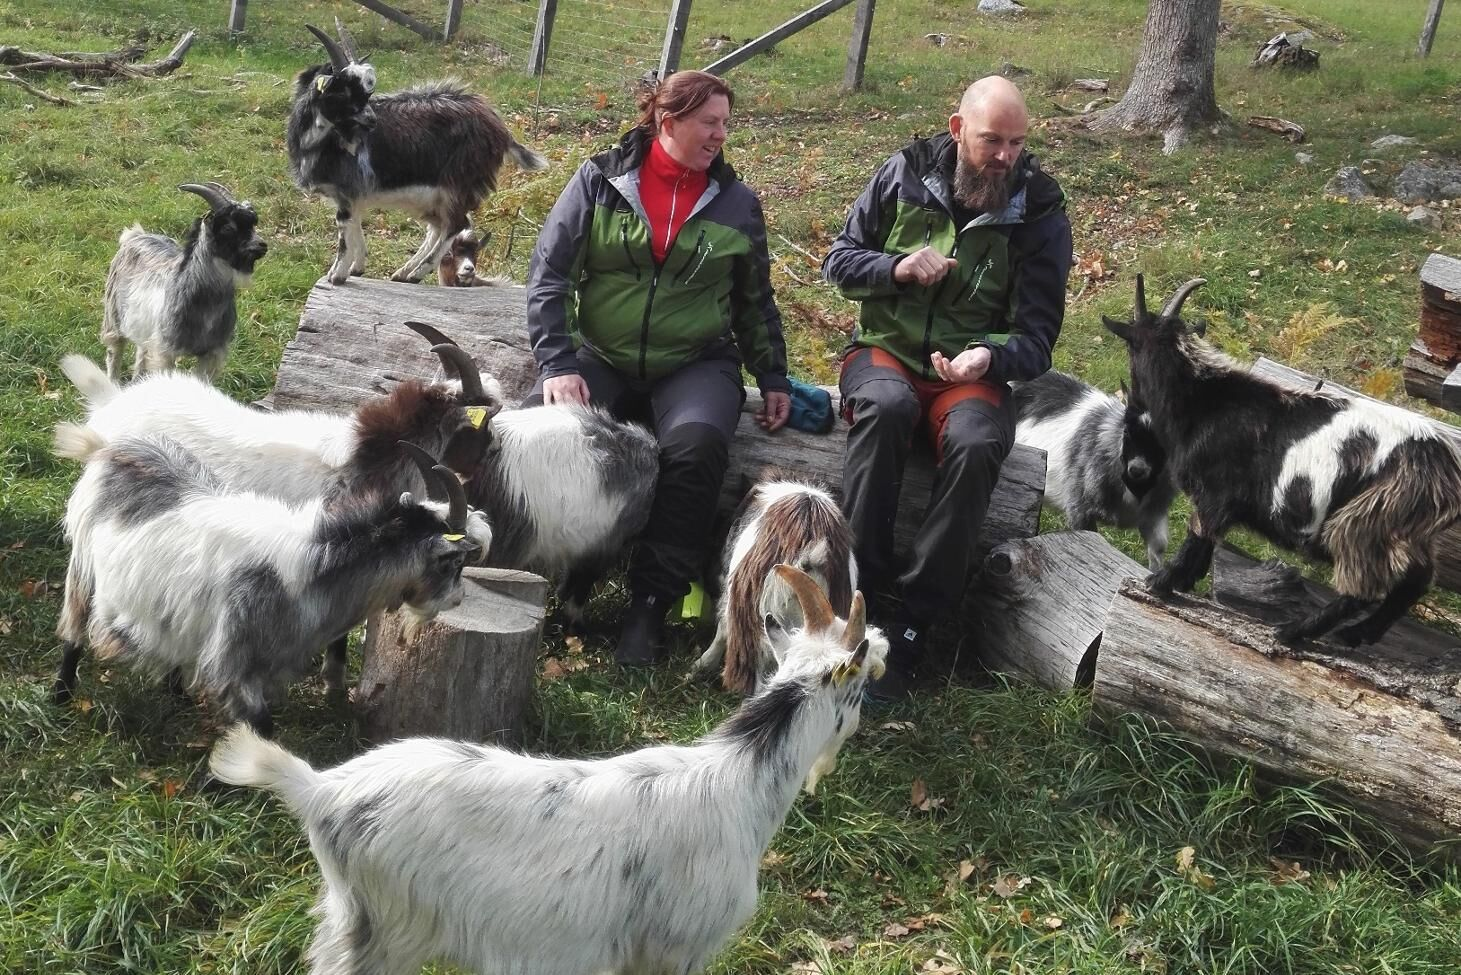 Anna Sundberg fick idén till Enöga Killing då hon gick en hållbarhetsutbildning för minskat matsvinn med praktiken förlagd till en getgård. Här tillsammans med Niklas Sundberg och några av företagets getter.